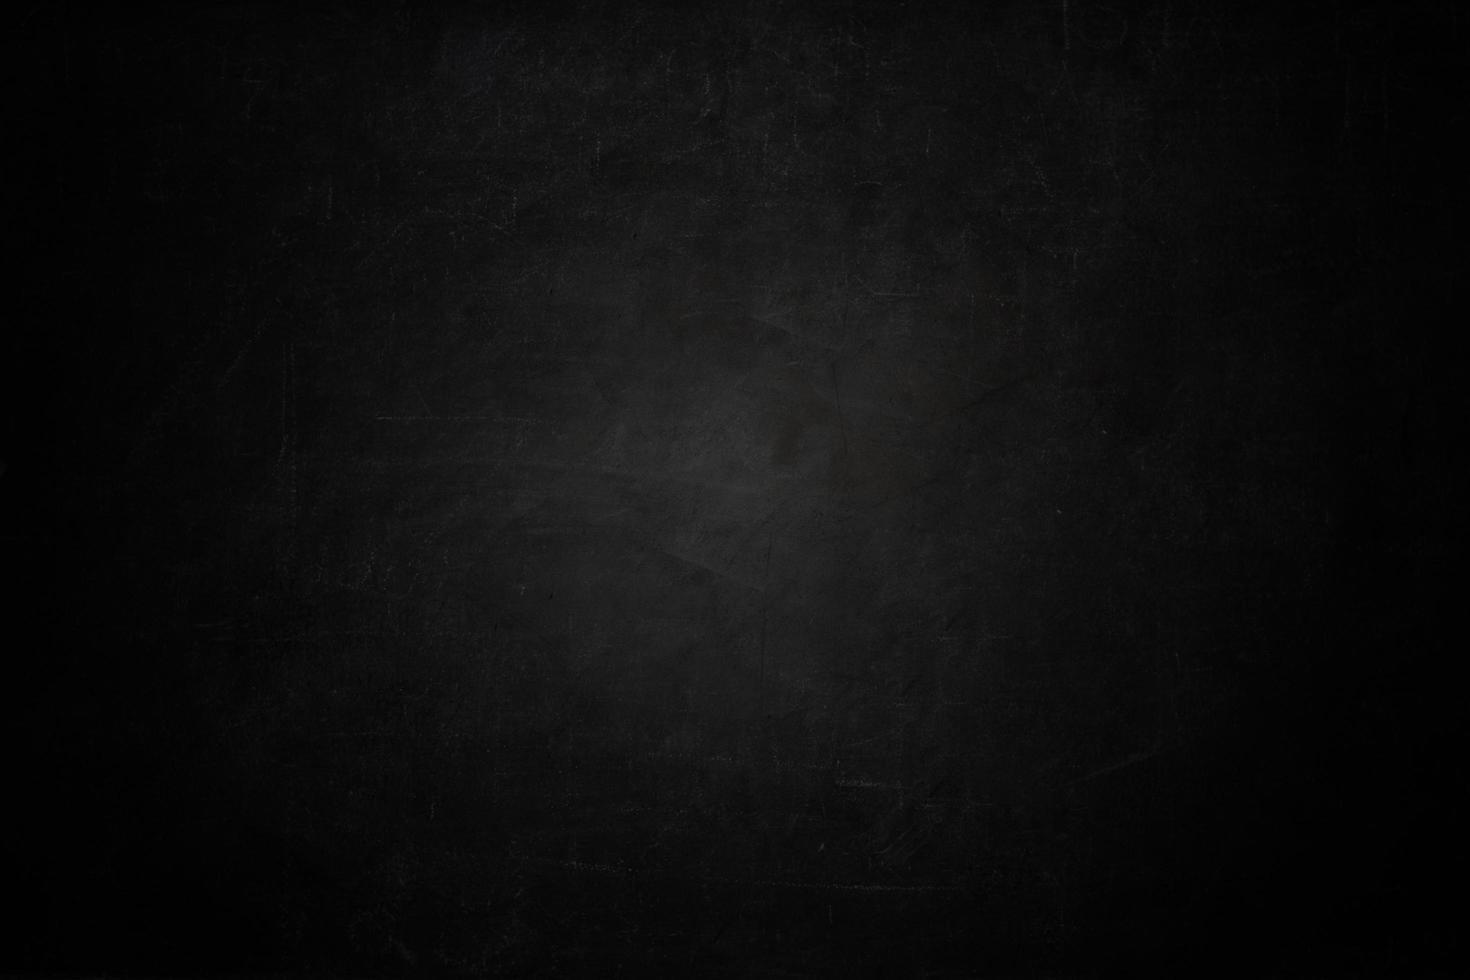 superficie de pizarra oscura foto